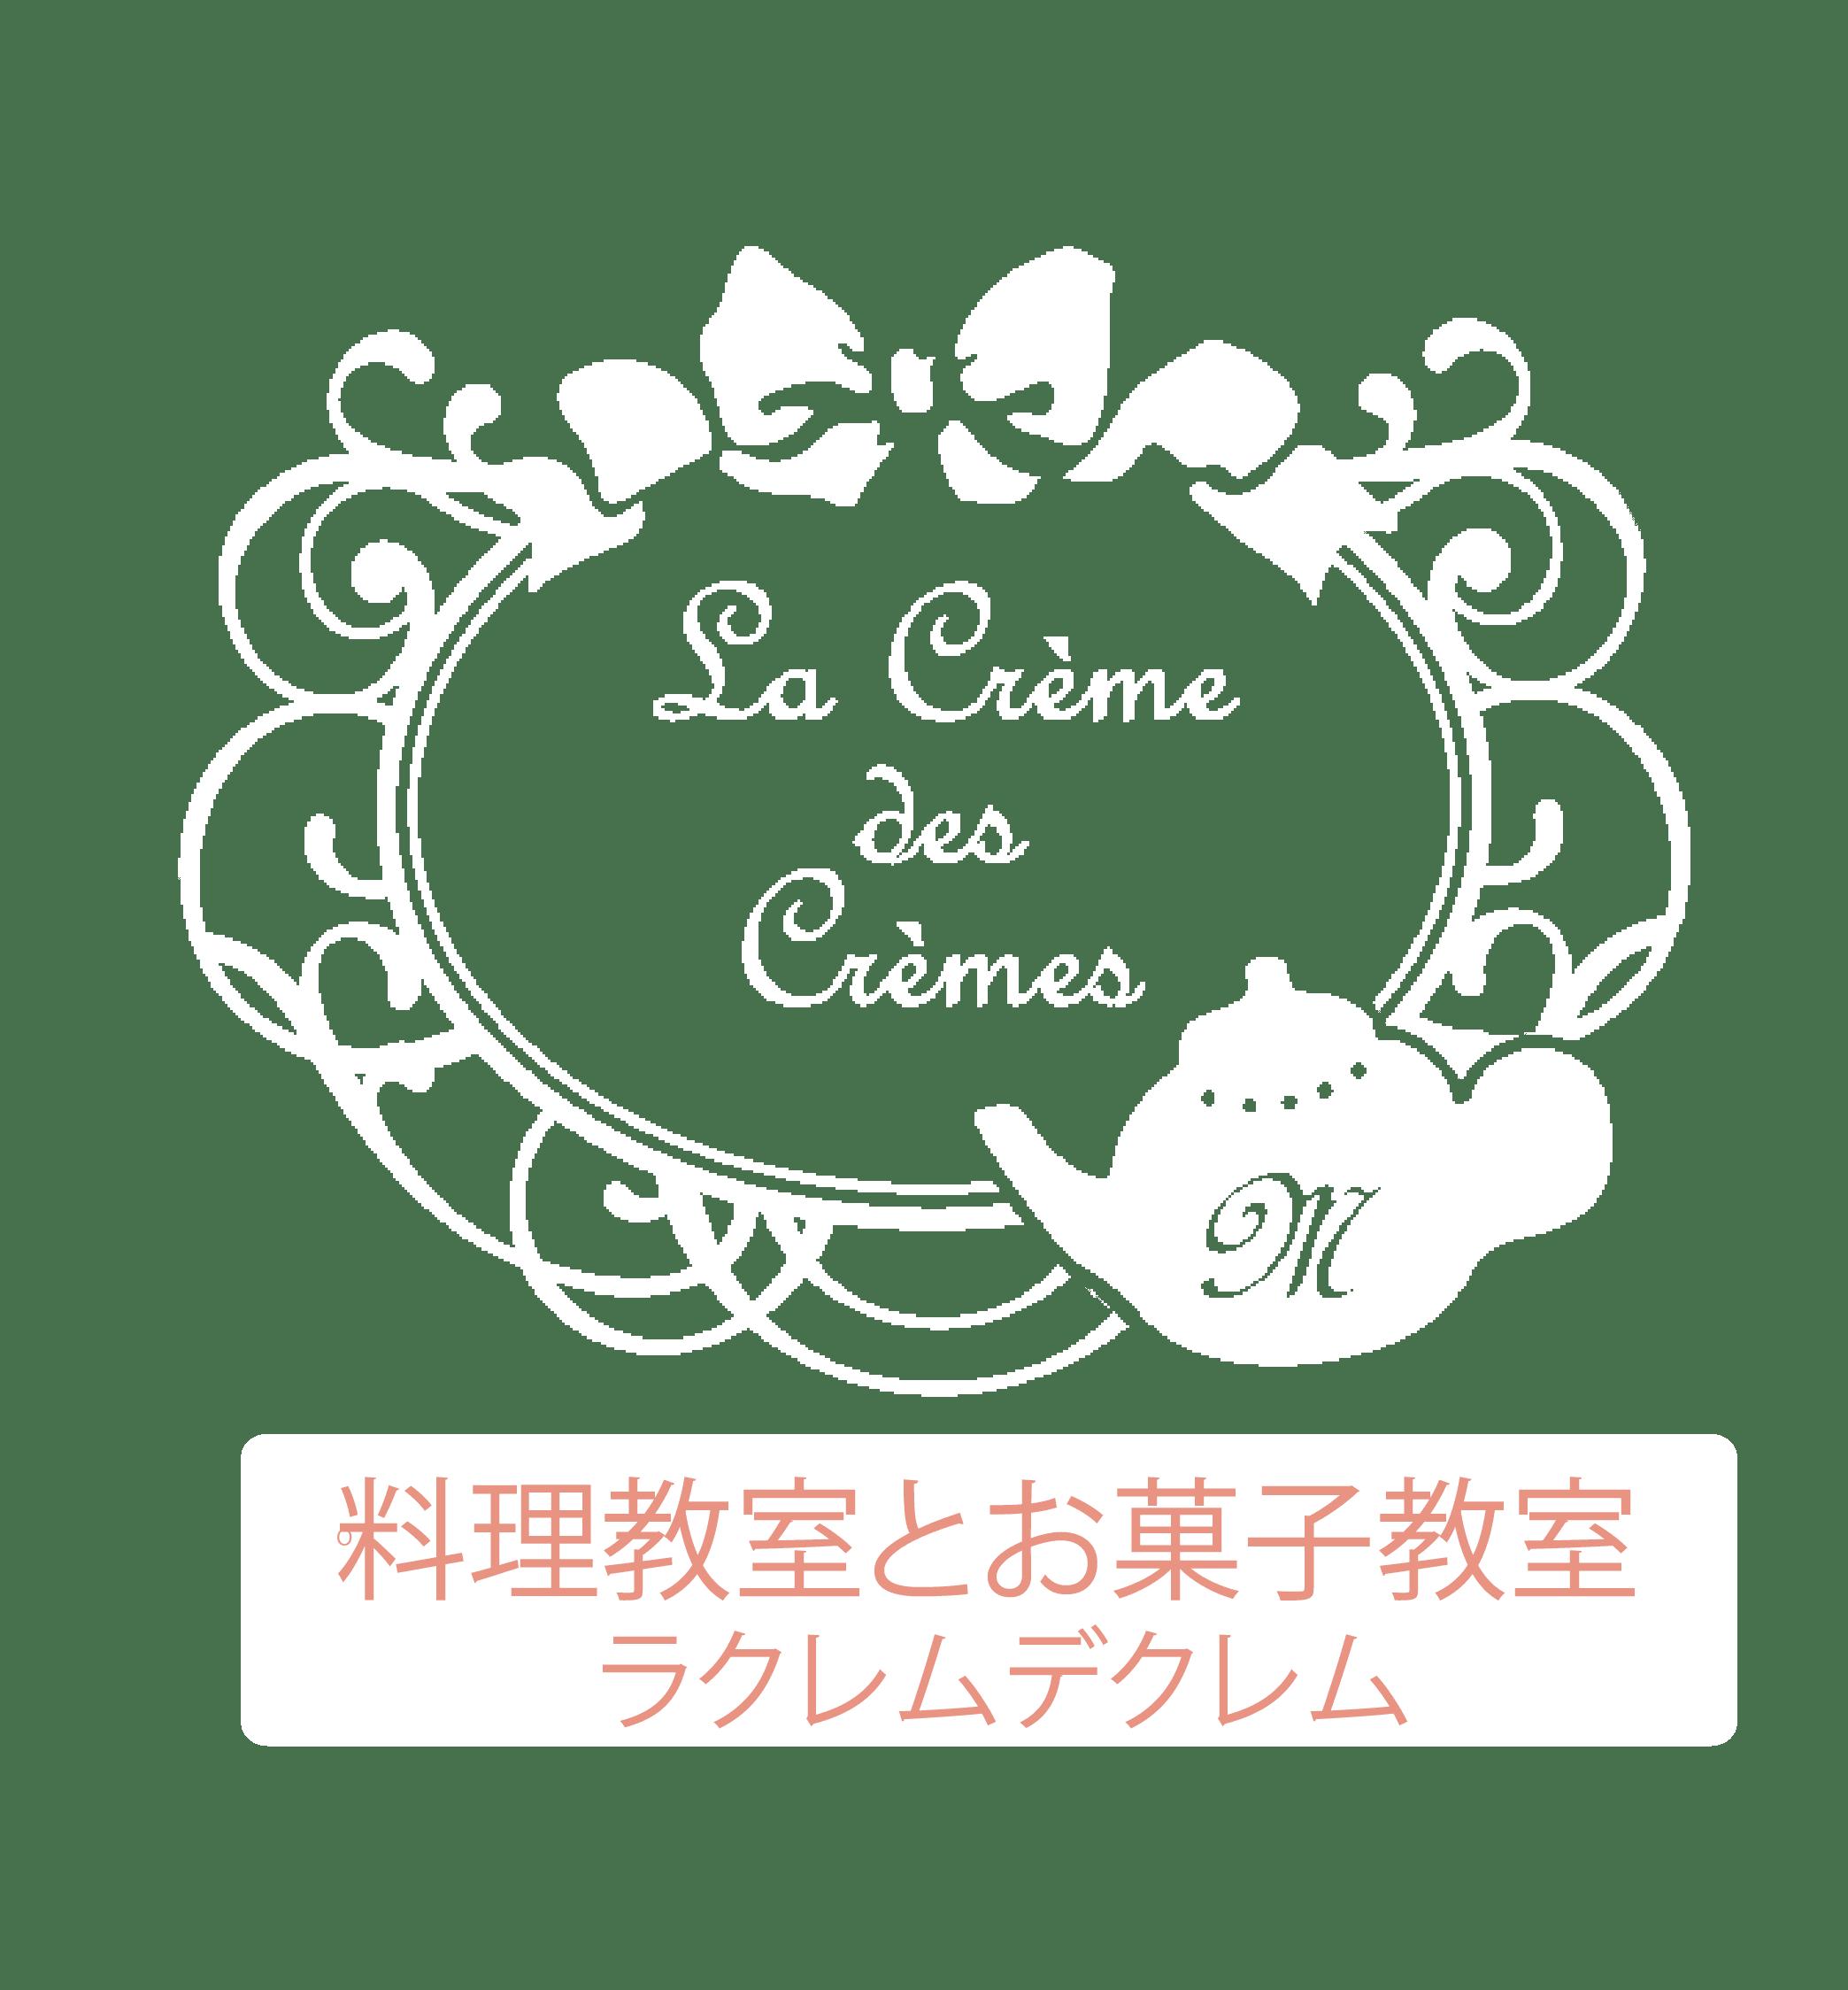 東京・銀座から20分のJR新浦安駅すぐの料理教室とお菓子教室ラクレムデクレム